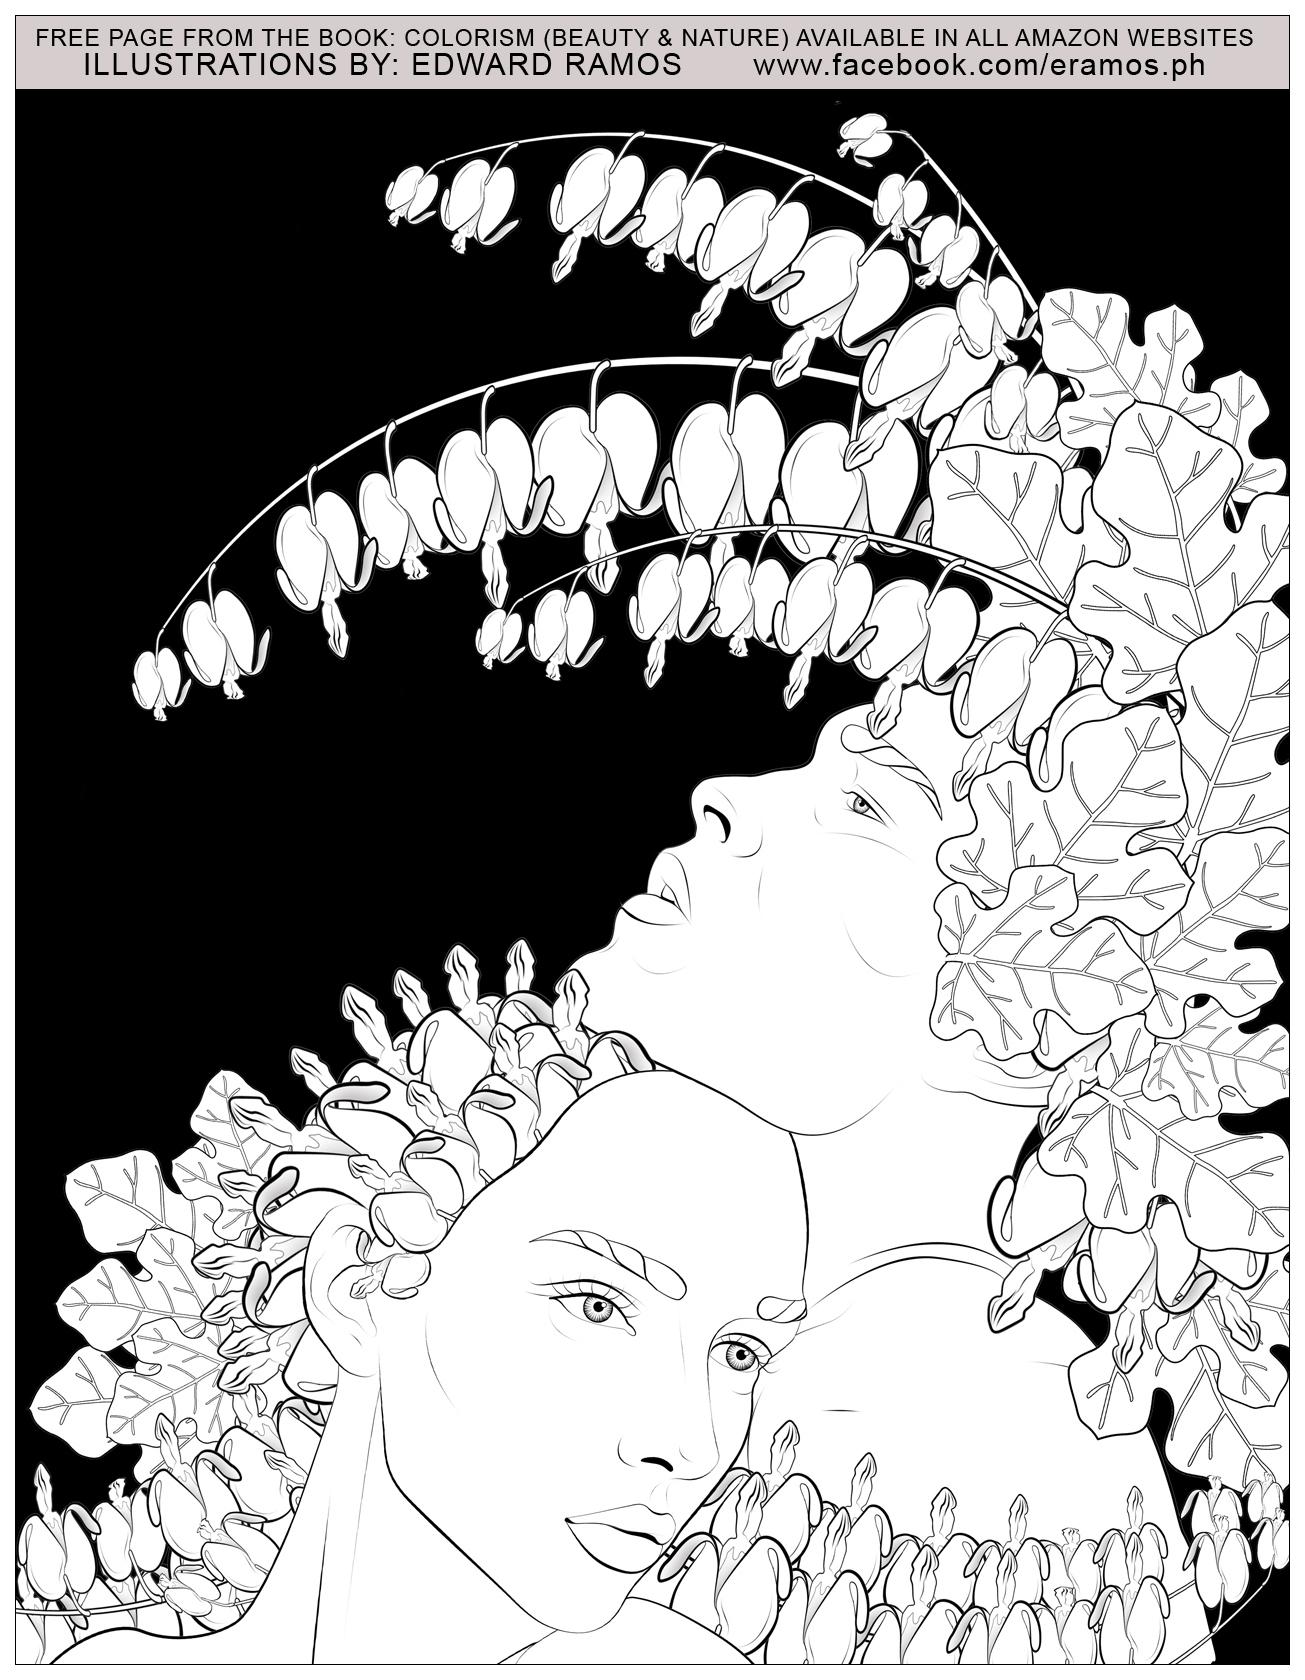 Illustration tirée du livre ' Colorism: Beauty & Nature' d'Edward Ramos - 14